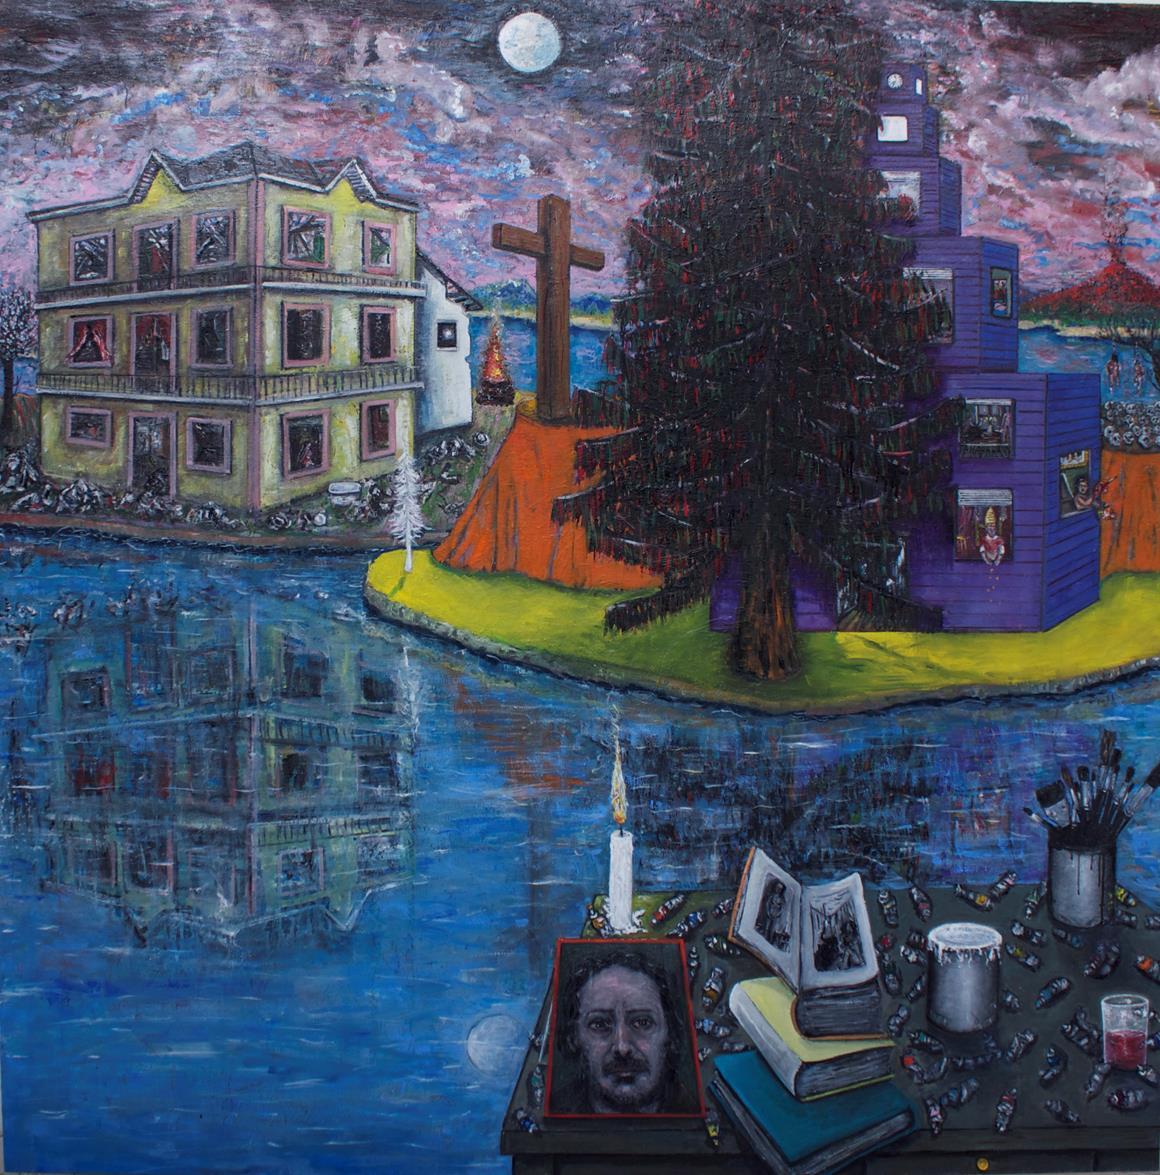 """Eric Corne """"Ombre portée"""" - 2014 - Huile sur toile - 200 x 200 cm - Courtesy Galerie Patricia Dorfmann, Paris © Rebecca Fanuele"""